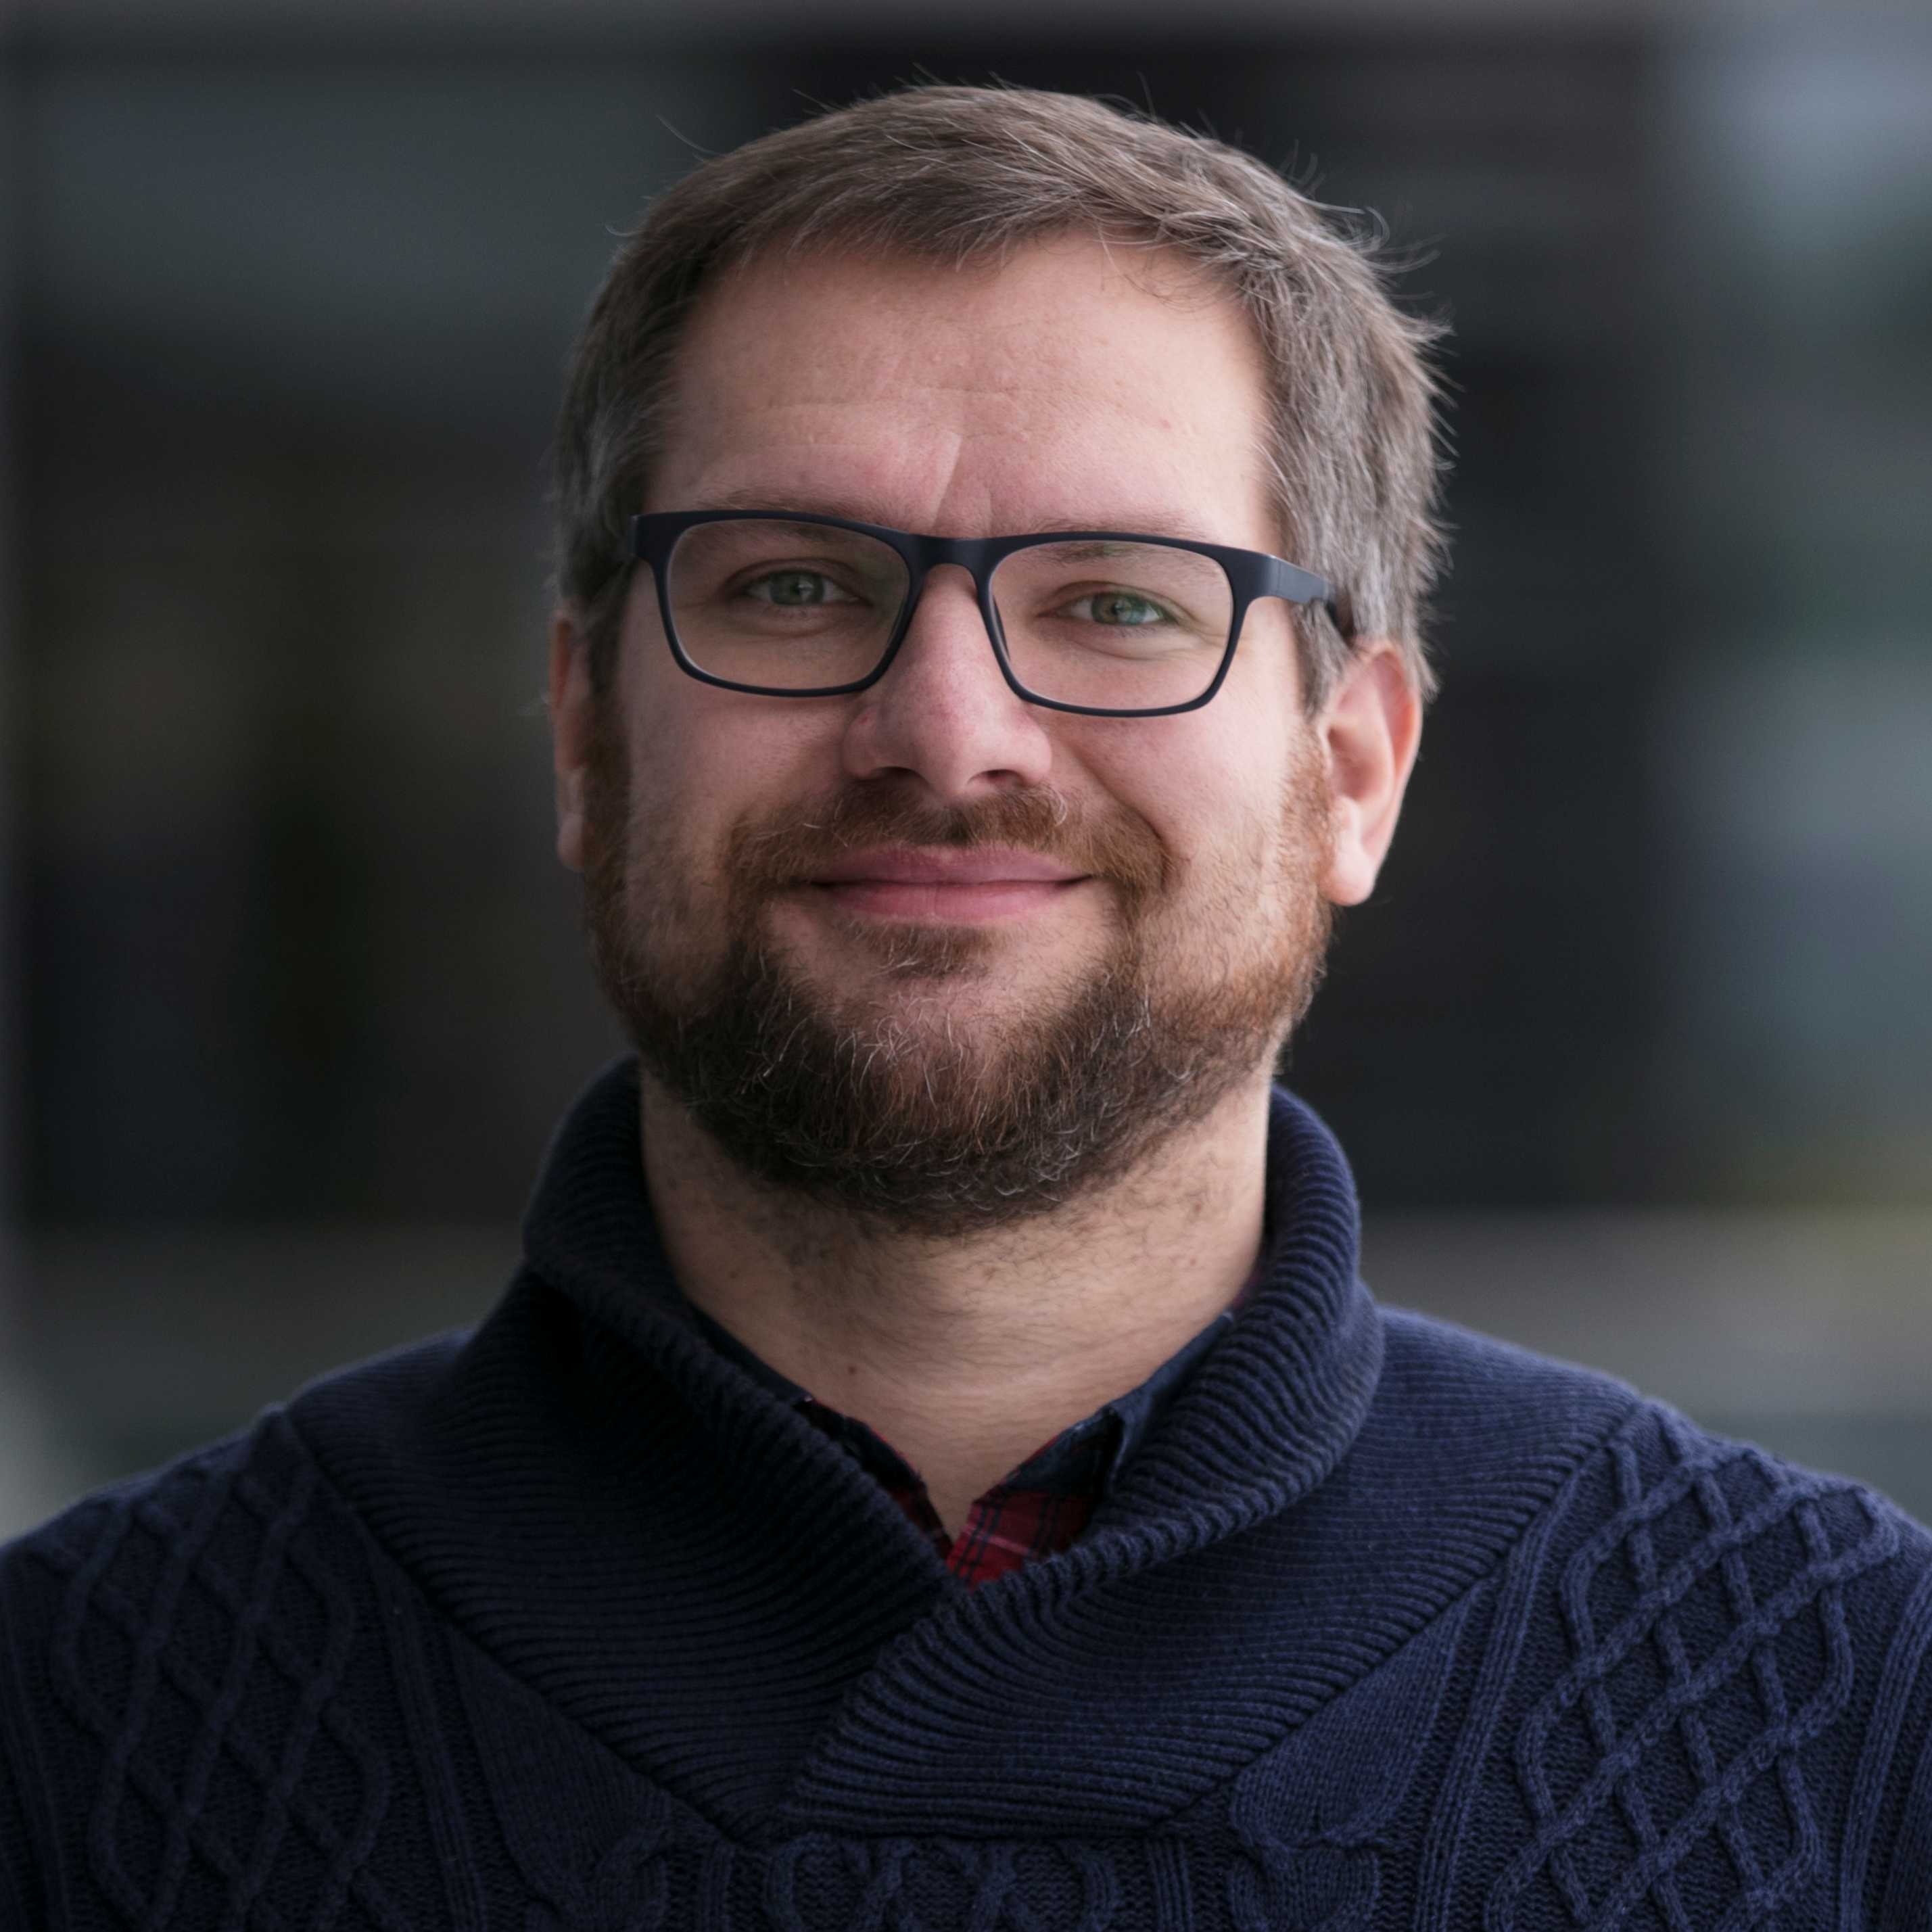 Jan Raška